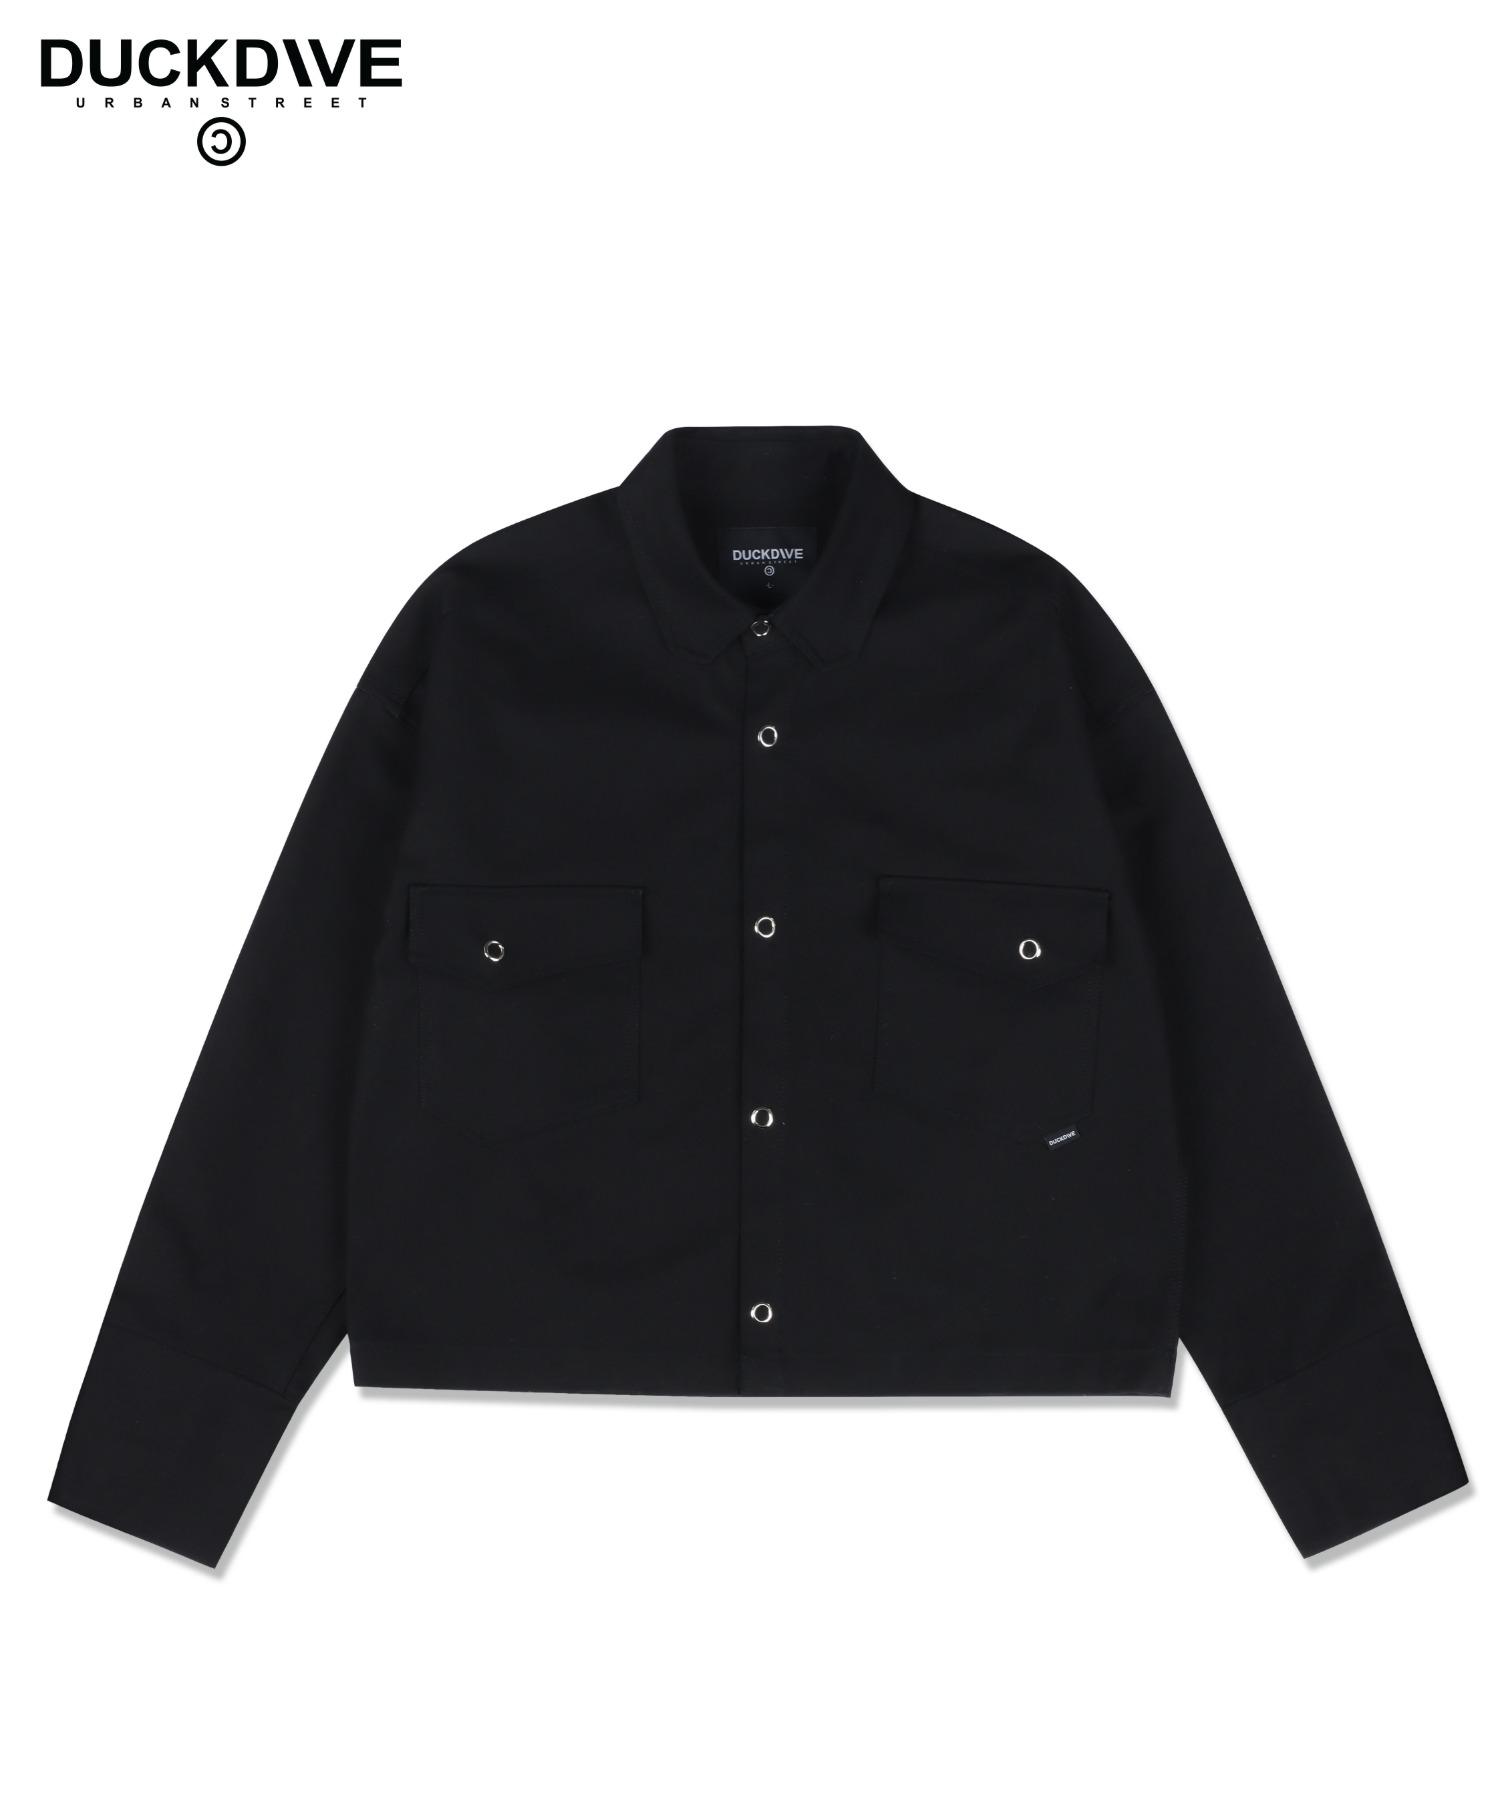 스퀘어카라 크롭 셔츠자켓 블랙